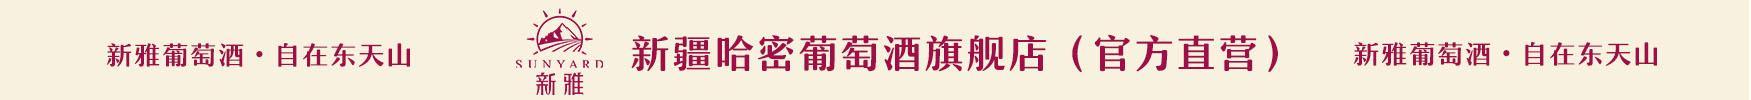 新雅葡萄酒旗舰店(官方直营)